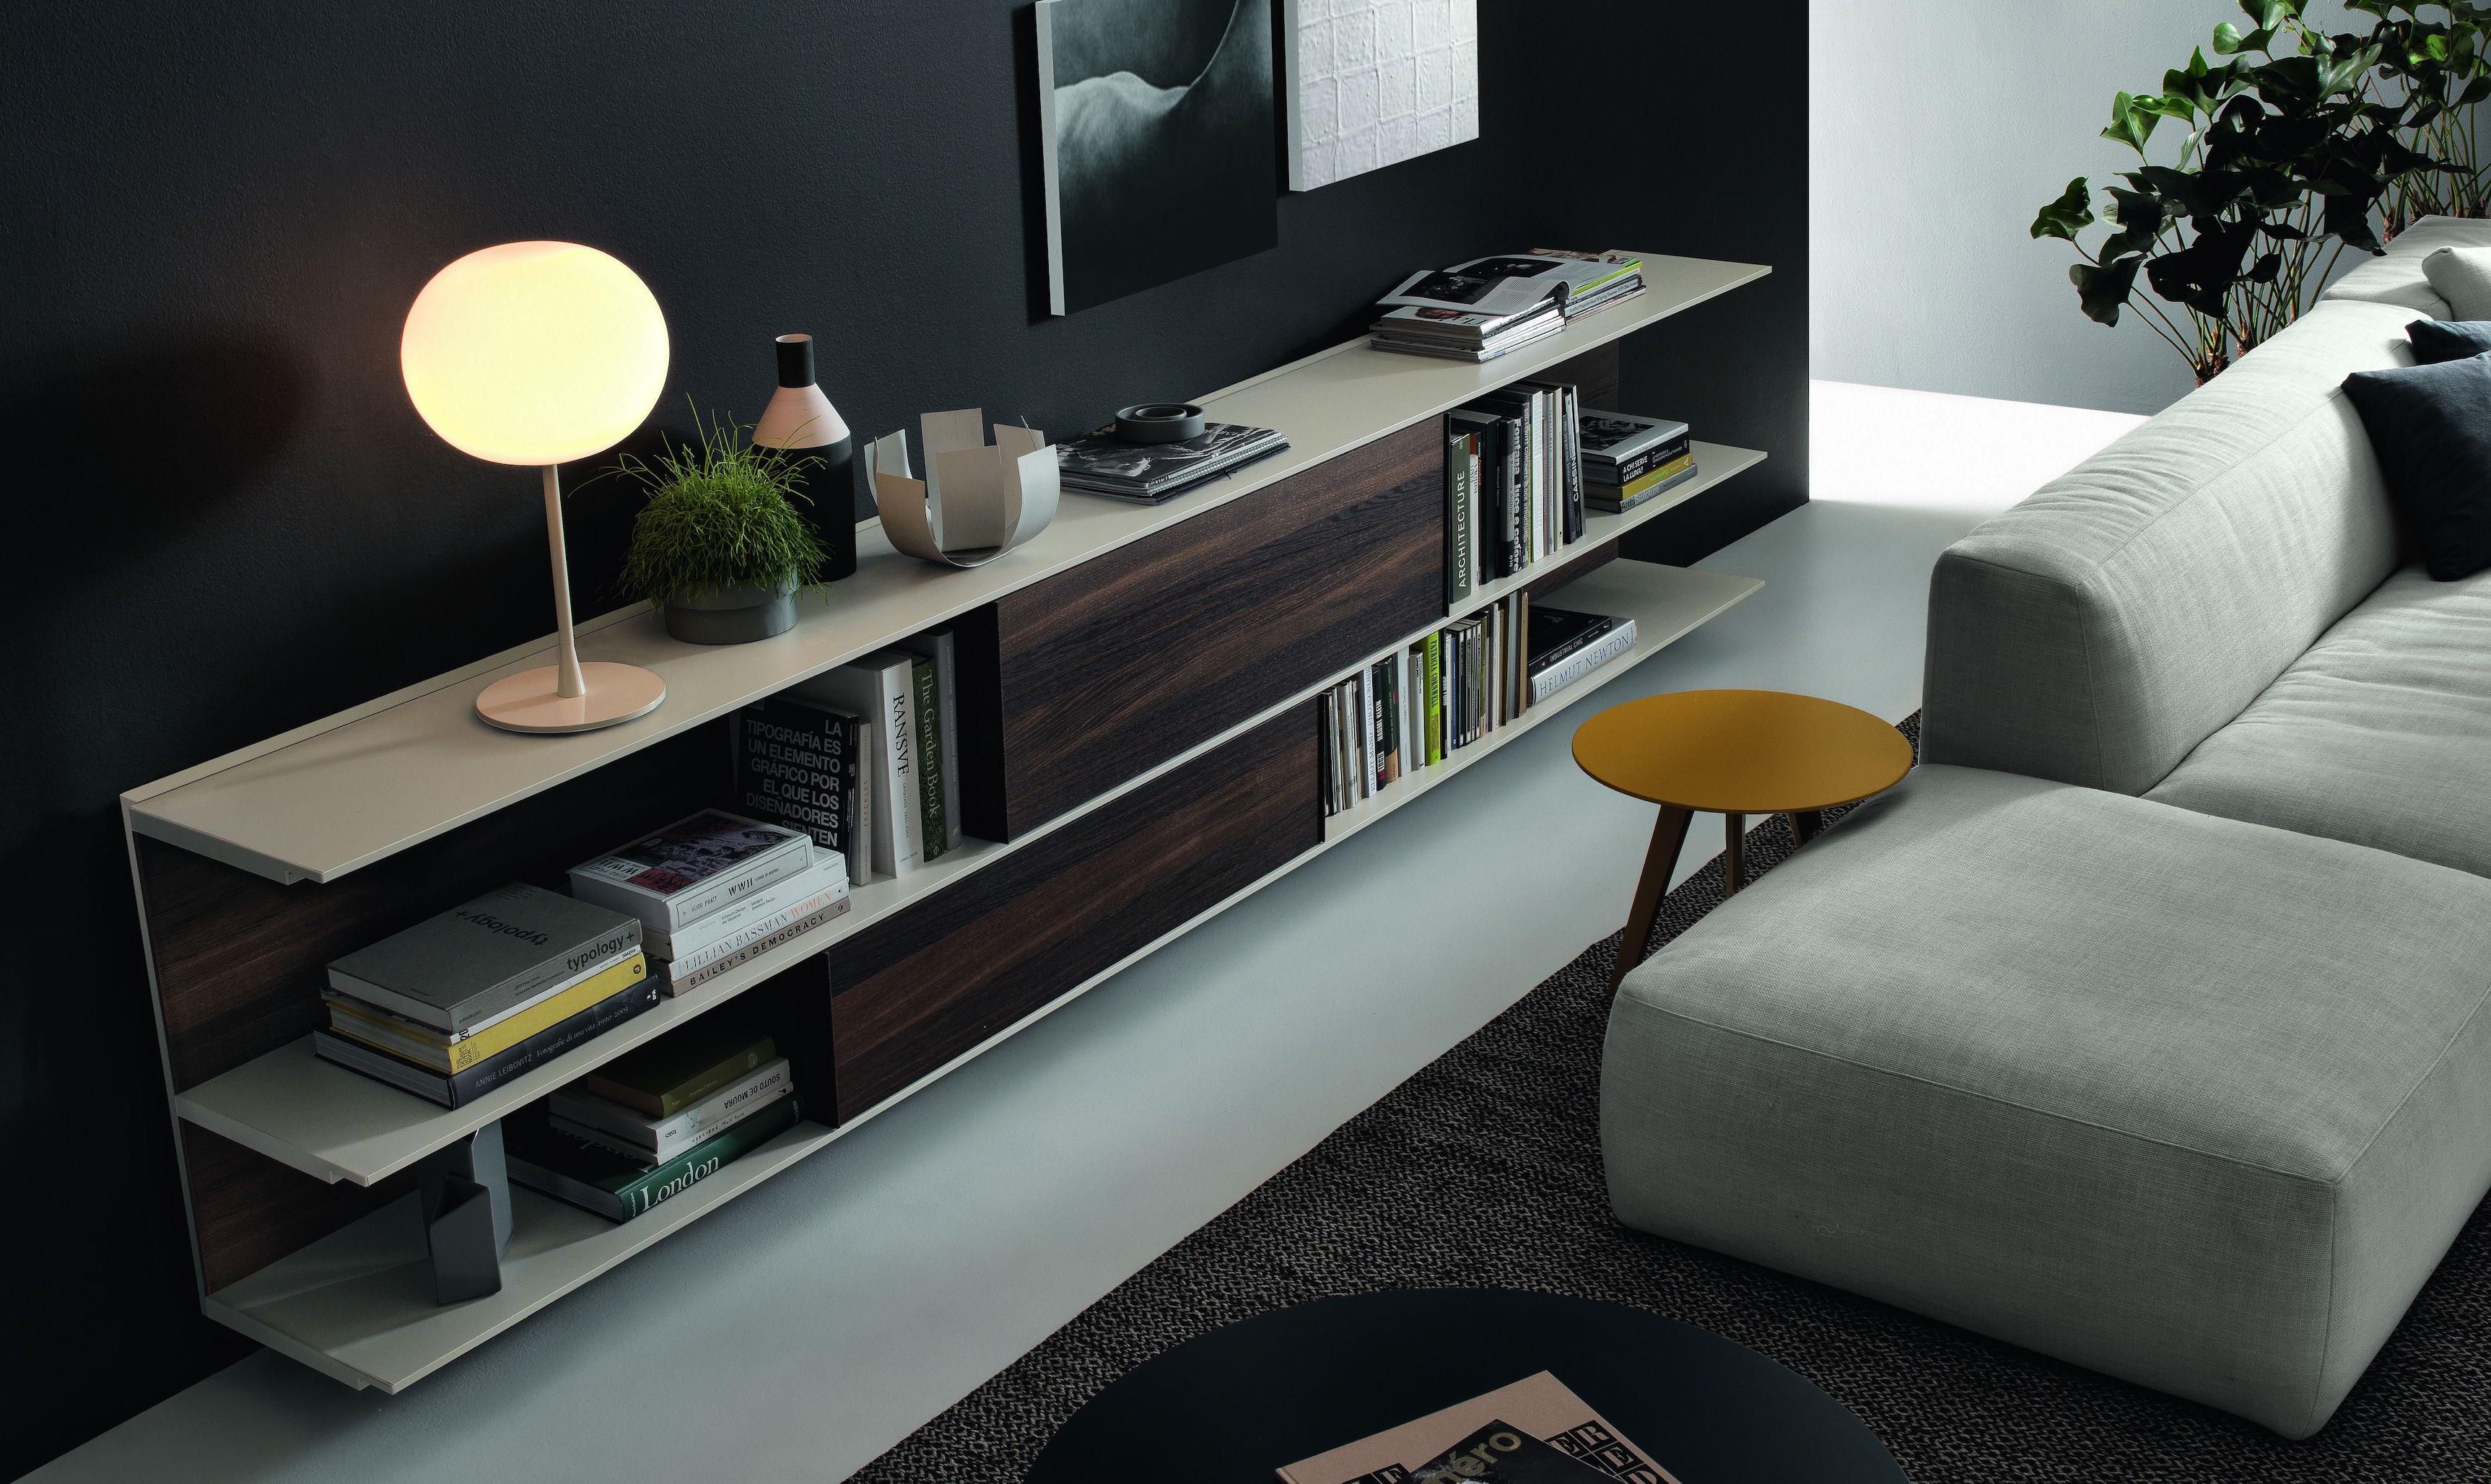 Terrific Shelves Jesse Online Ol112 Download Free Architecture Designs Grimeyleaguecom